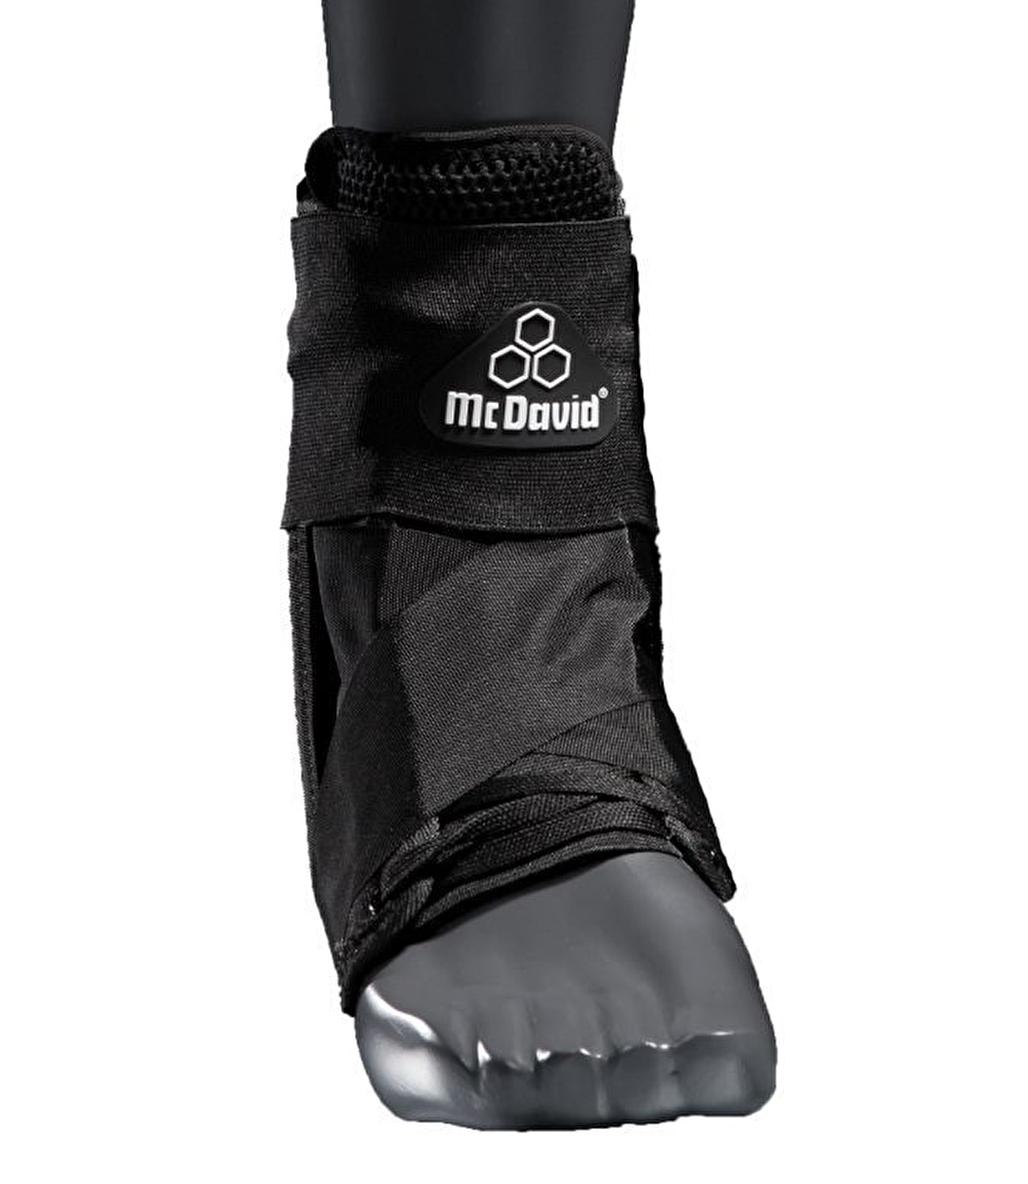 MC David Ultralite Ankle Özel Ayak Bileği Desteği Siyah